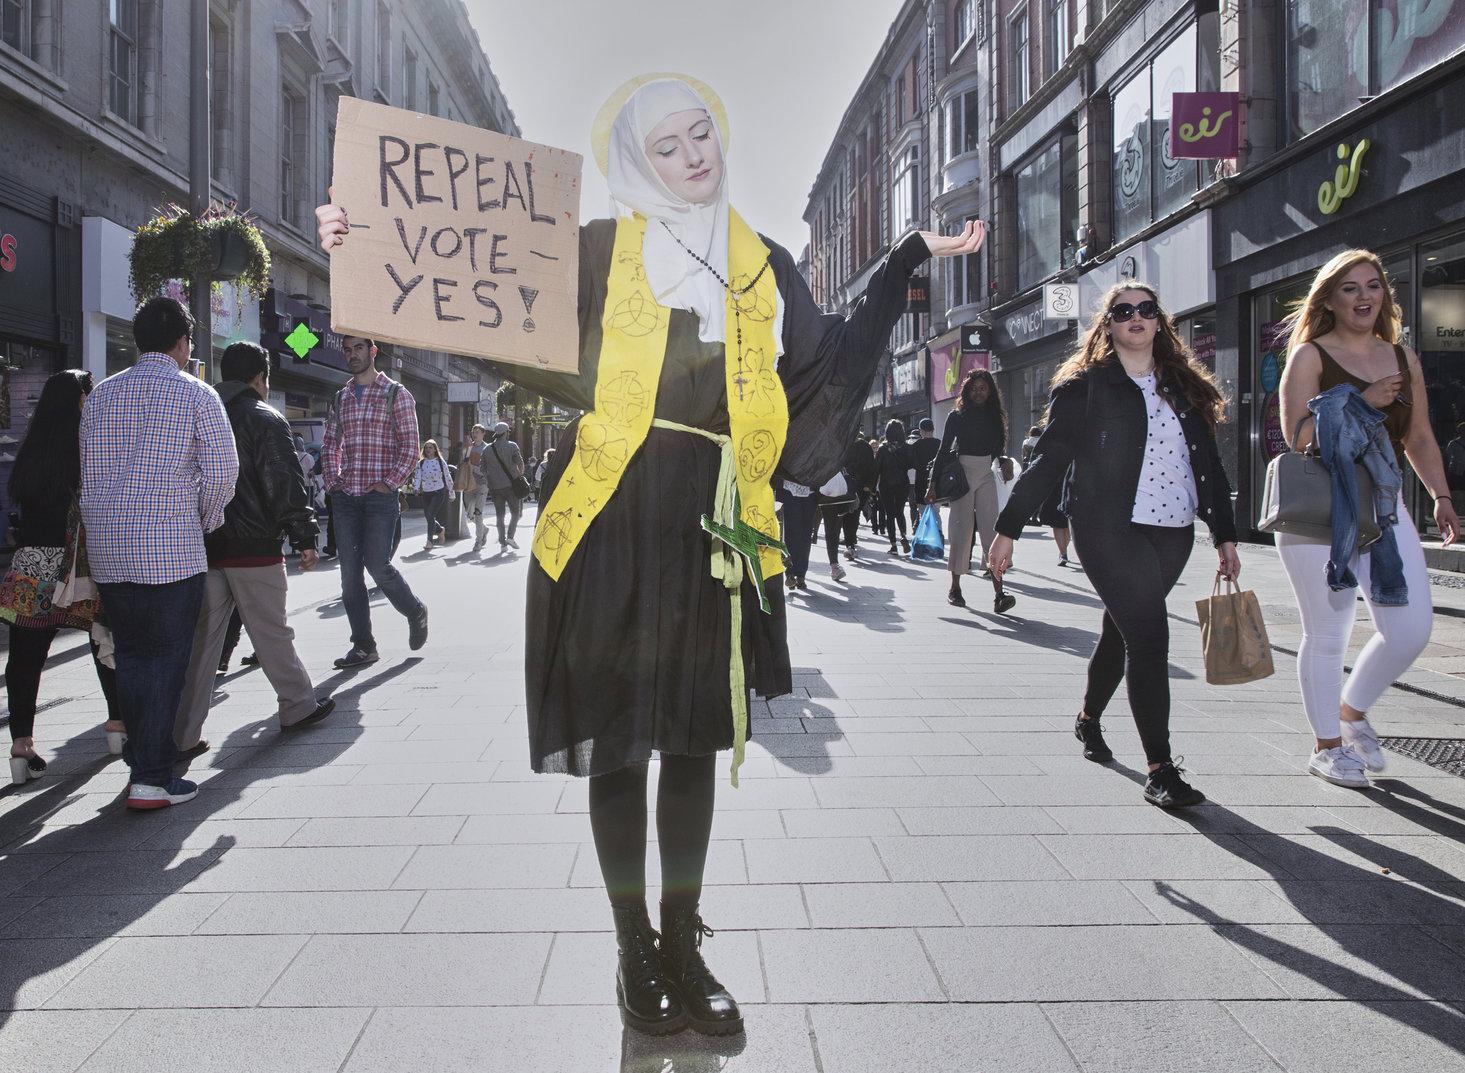 Dublin, 2019. április 12. A World Press Photo Alapítvány által közreadott képen a Szent Brigittát, Írország női patrónusát megszemélyesítő Megan Scott az ír abortusztörvény liberalizálásáért kampányol Dublin fő bevásárlóutcáján 2018. április 21-én. A fénykép a Blessed Be the Fruit: Ireland's Struggle to Overturn Anti-Abortion Laws című riport része, amellyel Olivia Harris első díjat nyert a korunk kérdései sorozat kategóriában a World Press Photo nemzetközi sajtófotóversenyen 2019. április 11-én. MTI/AP/Olivia Harris